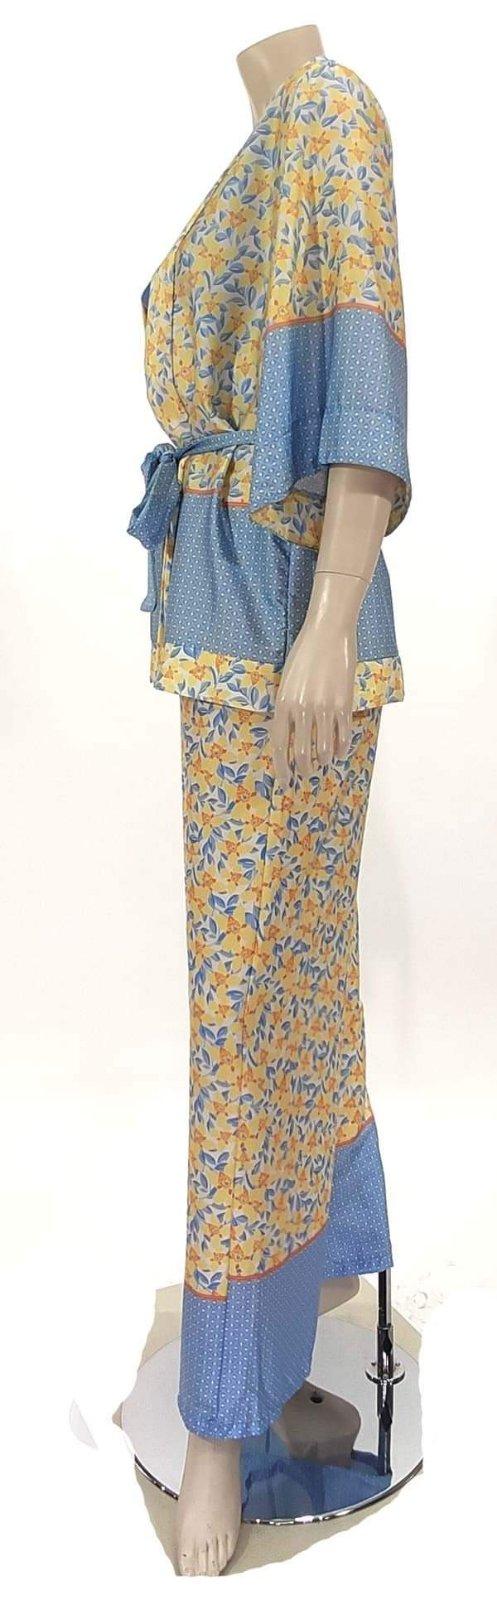 Σέτ κιμώνο με παντελόνα εμπριμέ 6839-1